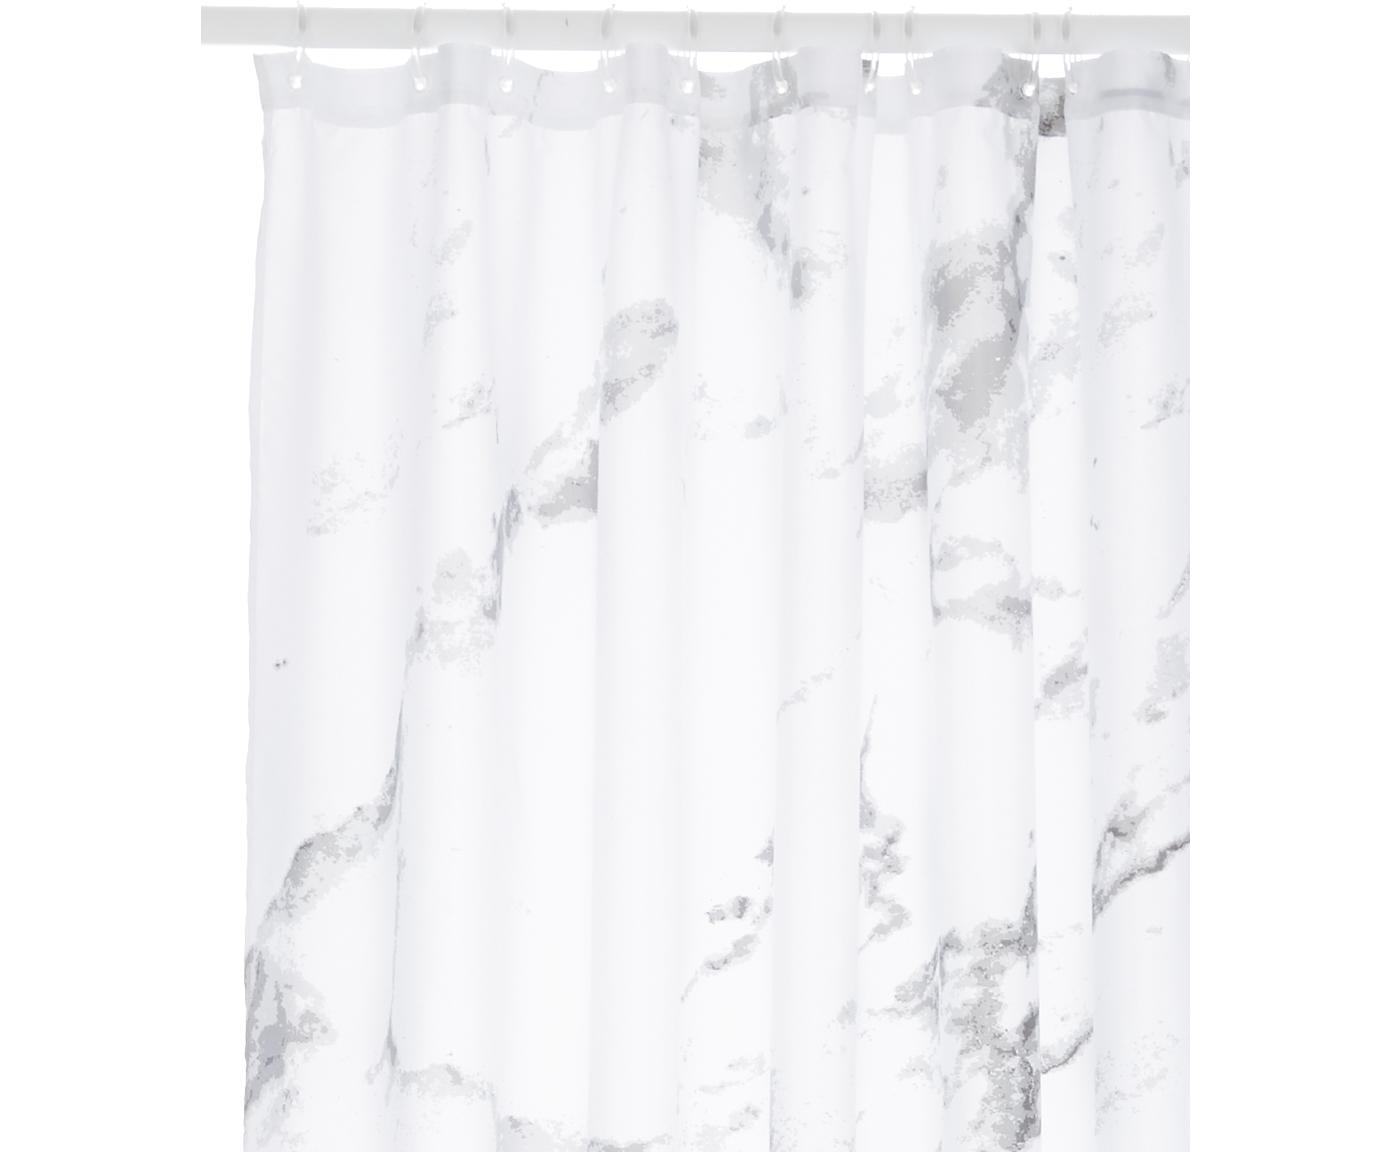 Duschvorhang Marble mit Marmor-Print, 100% Polyester Wasserabweisend, nicht wasserdicht, Anthrazit, Weiss, 180 x 200 cm